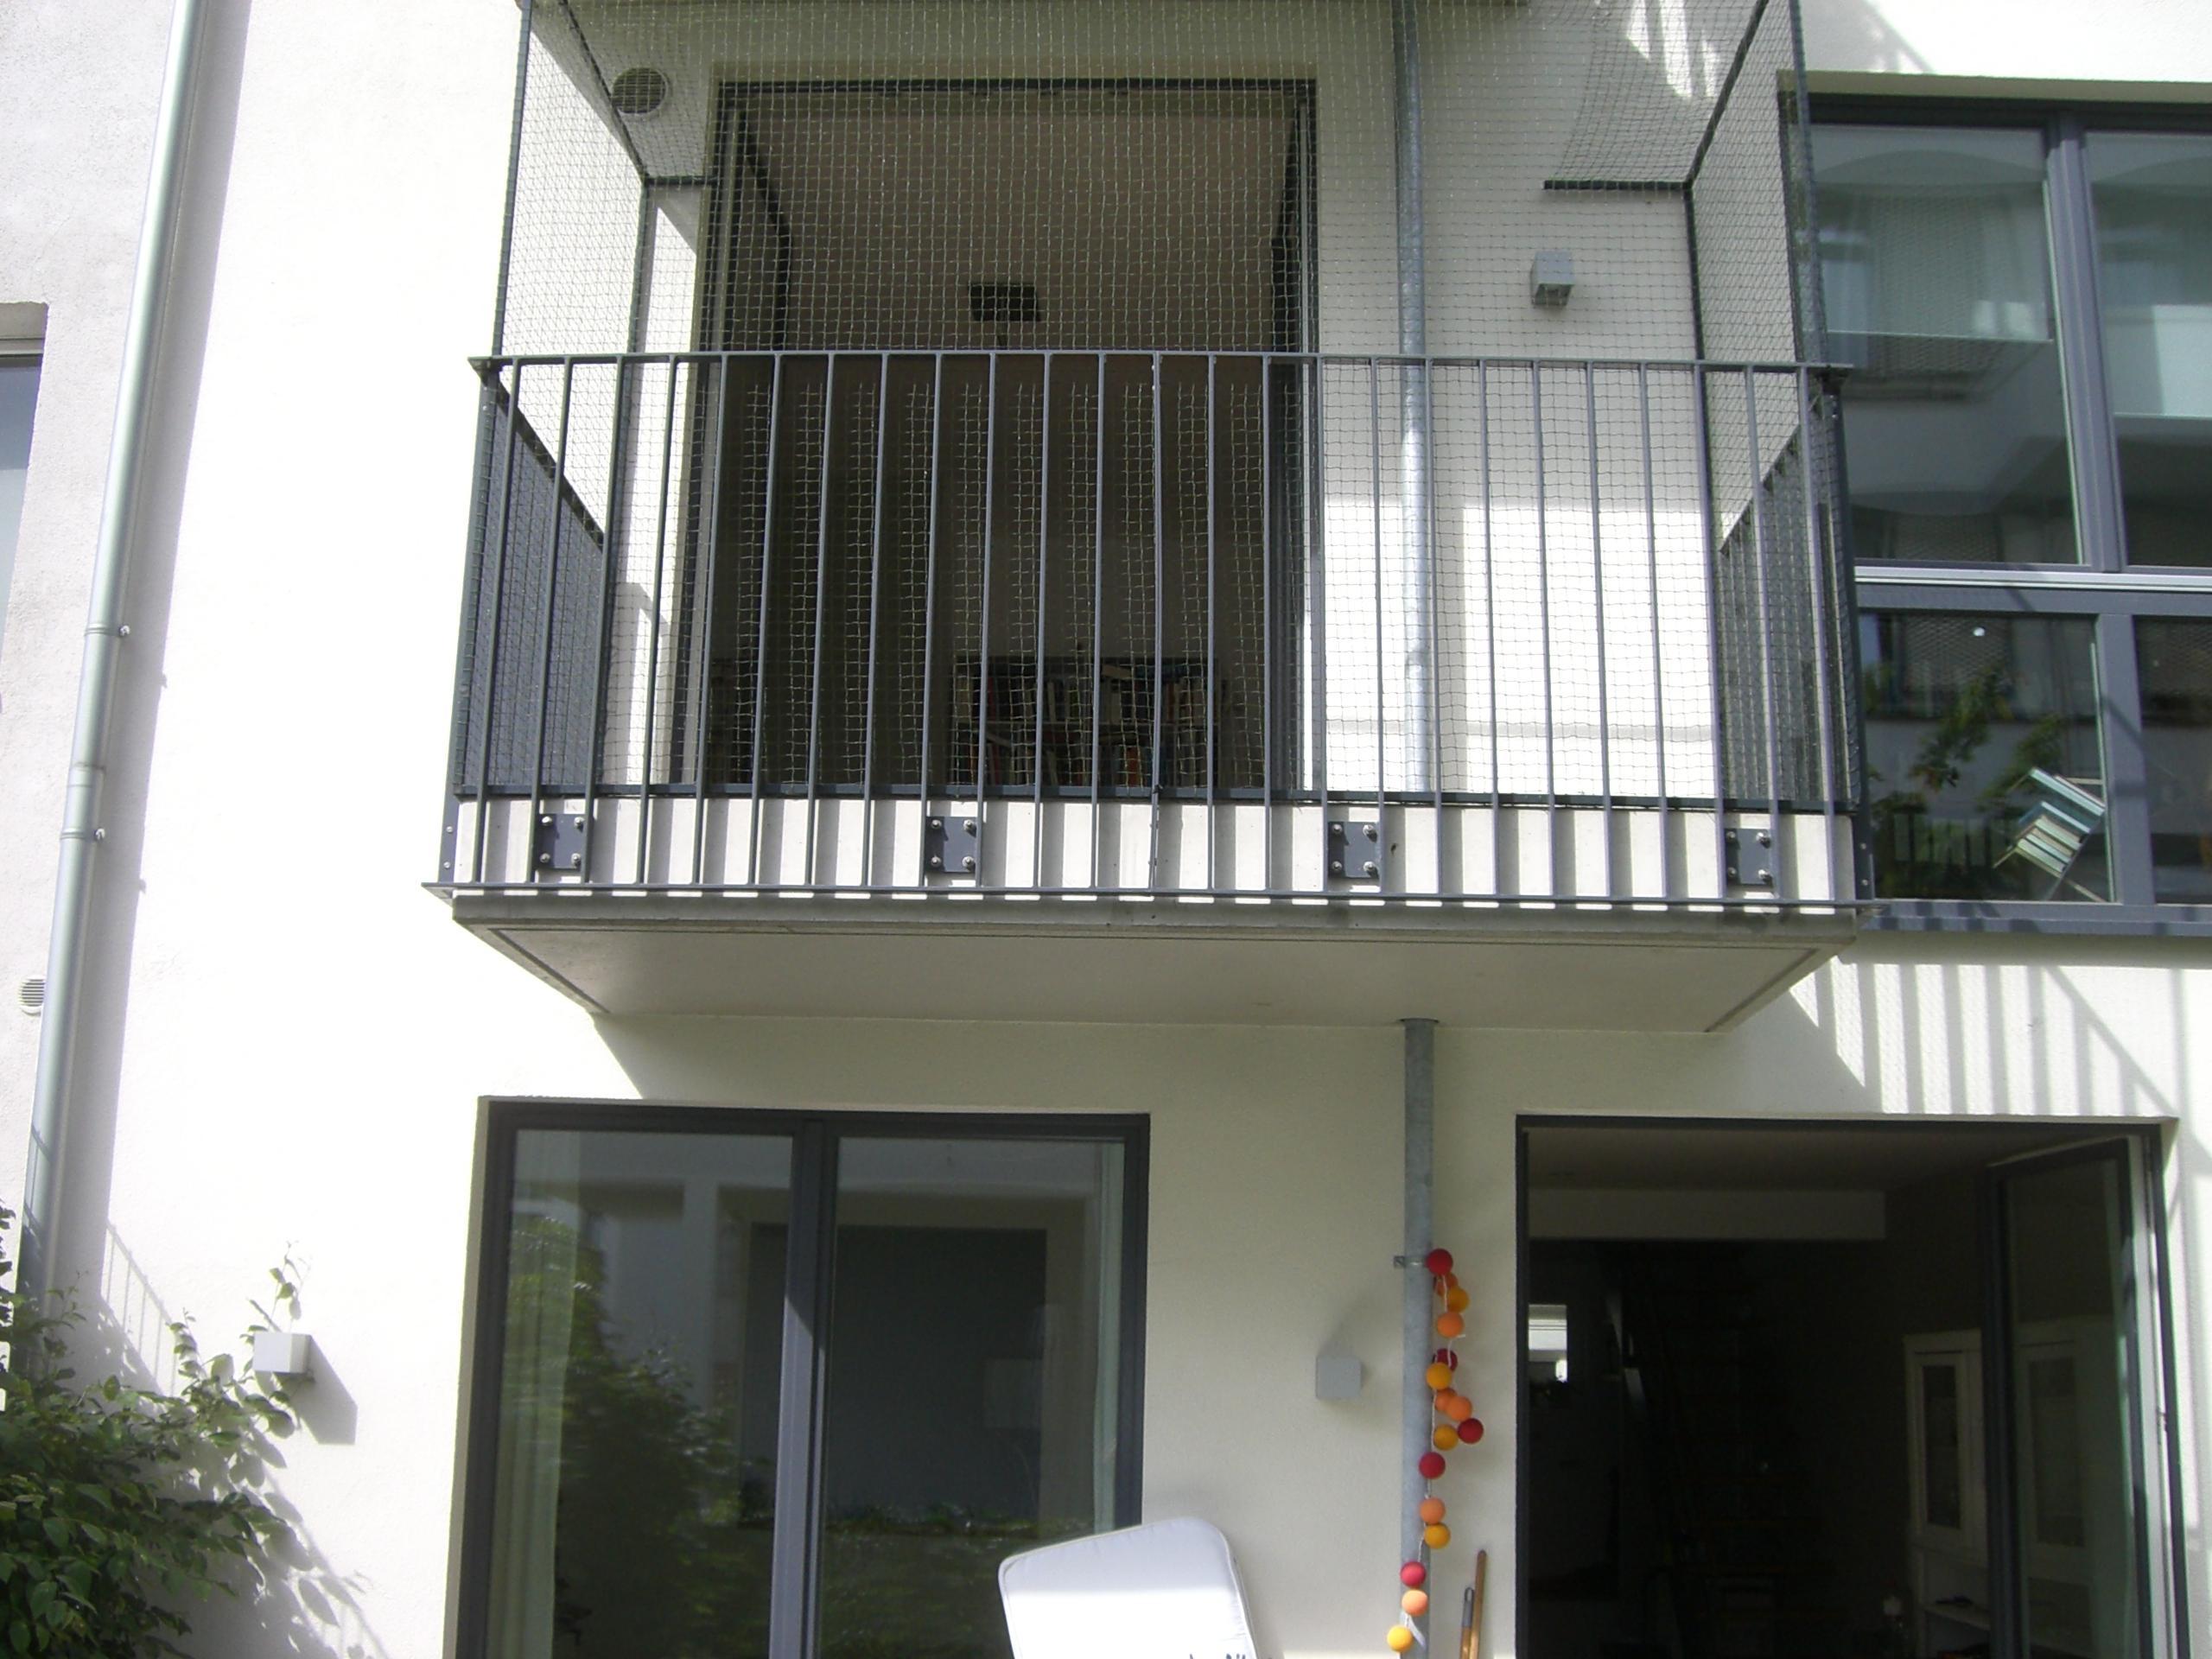 Balkon & Tür in Hamburg katzensicher mit Katzennetz vernetzt